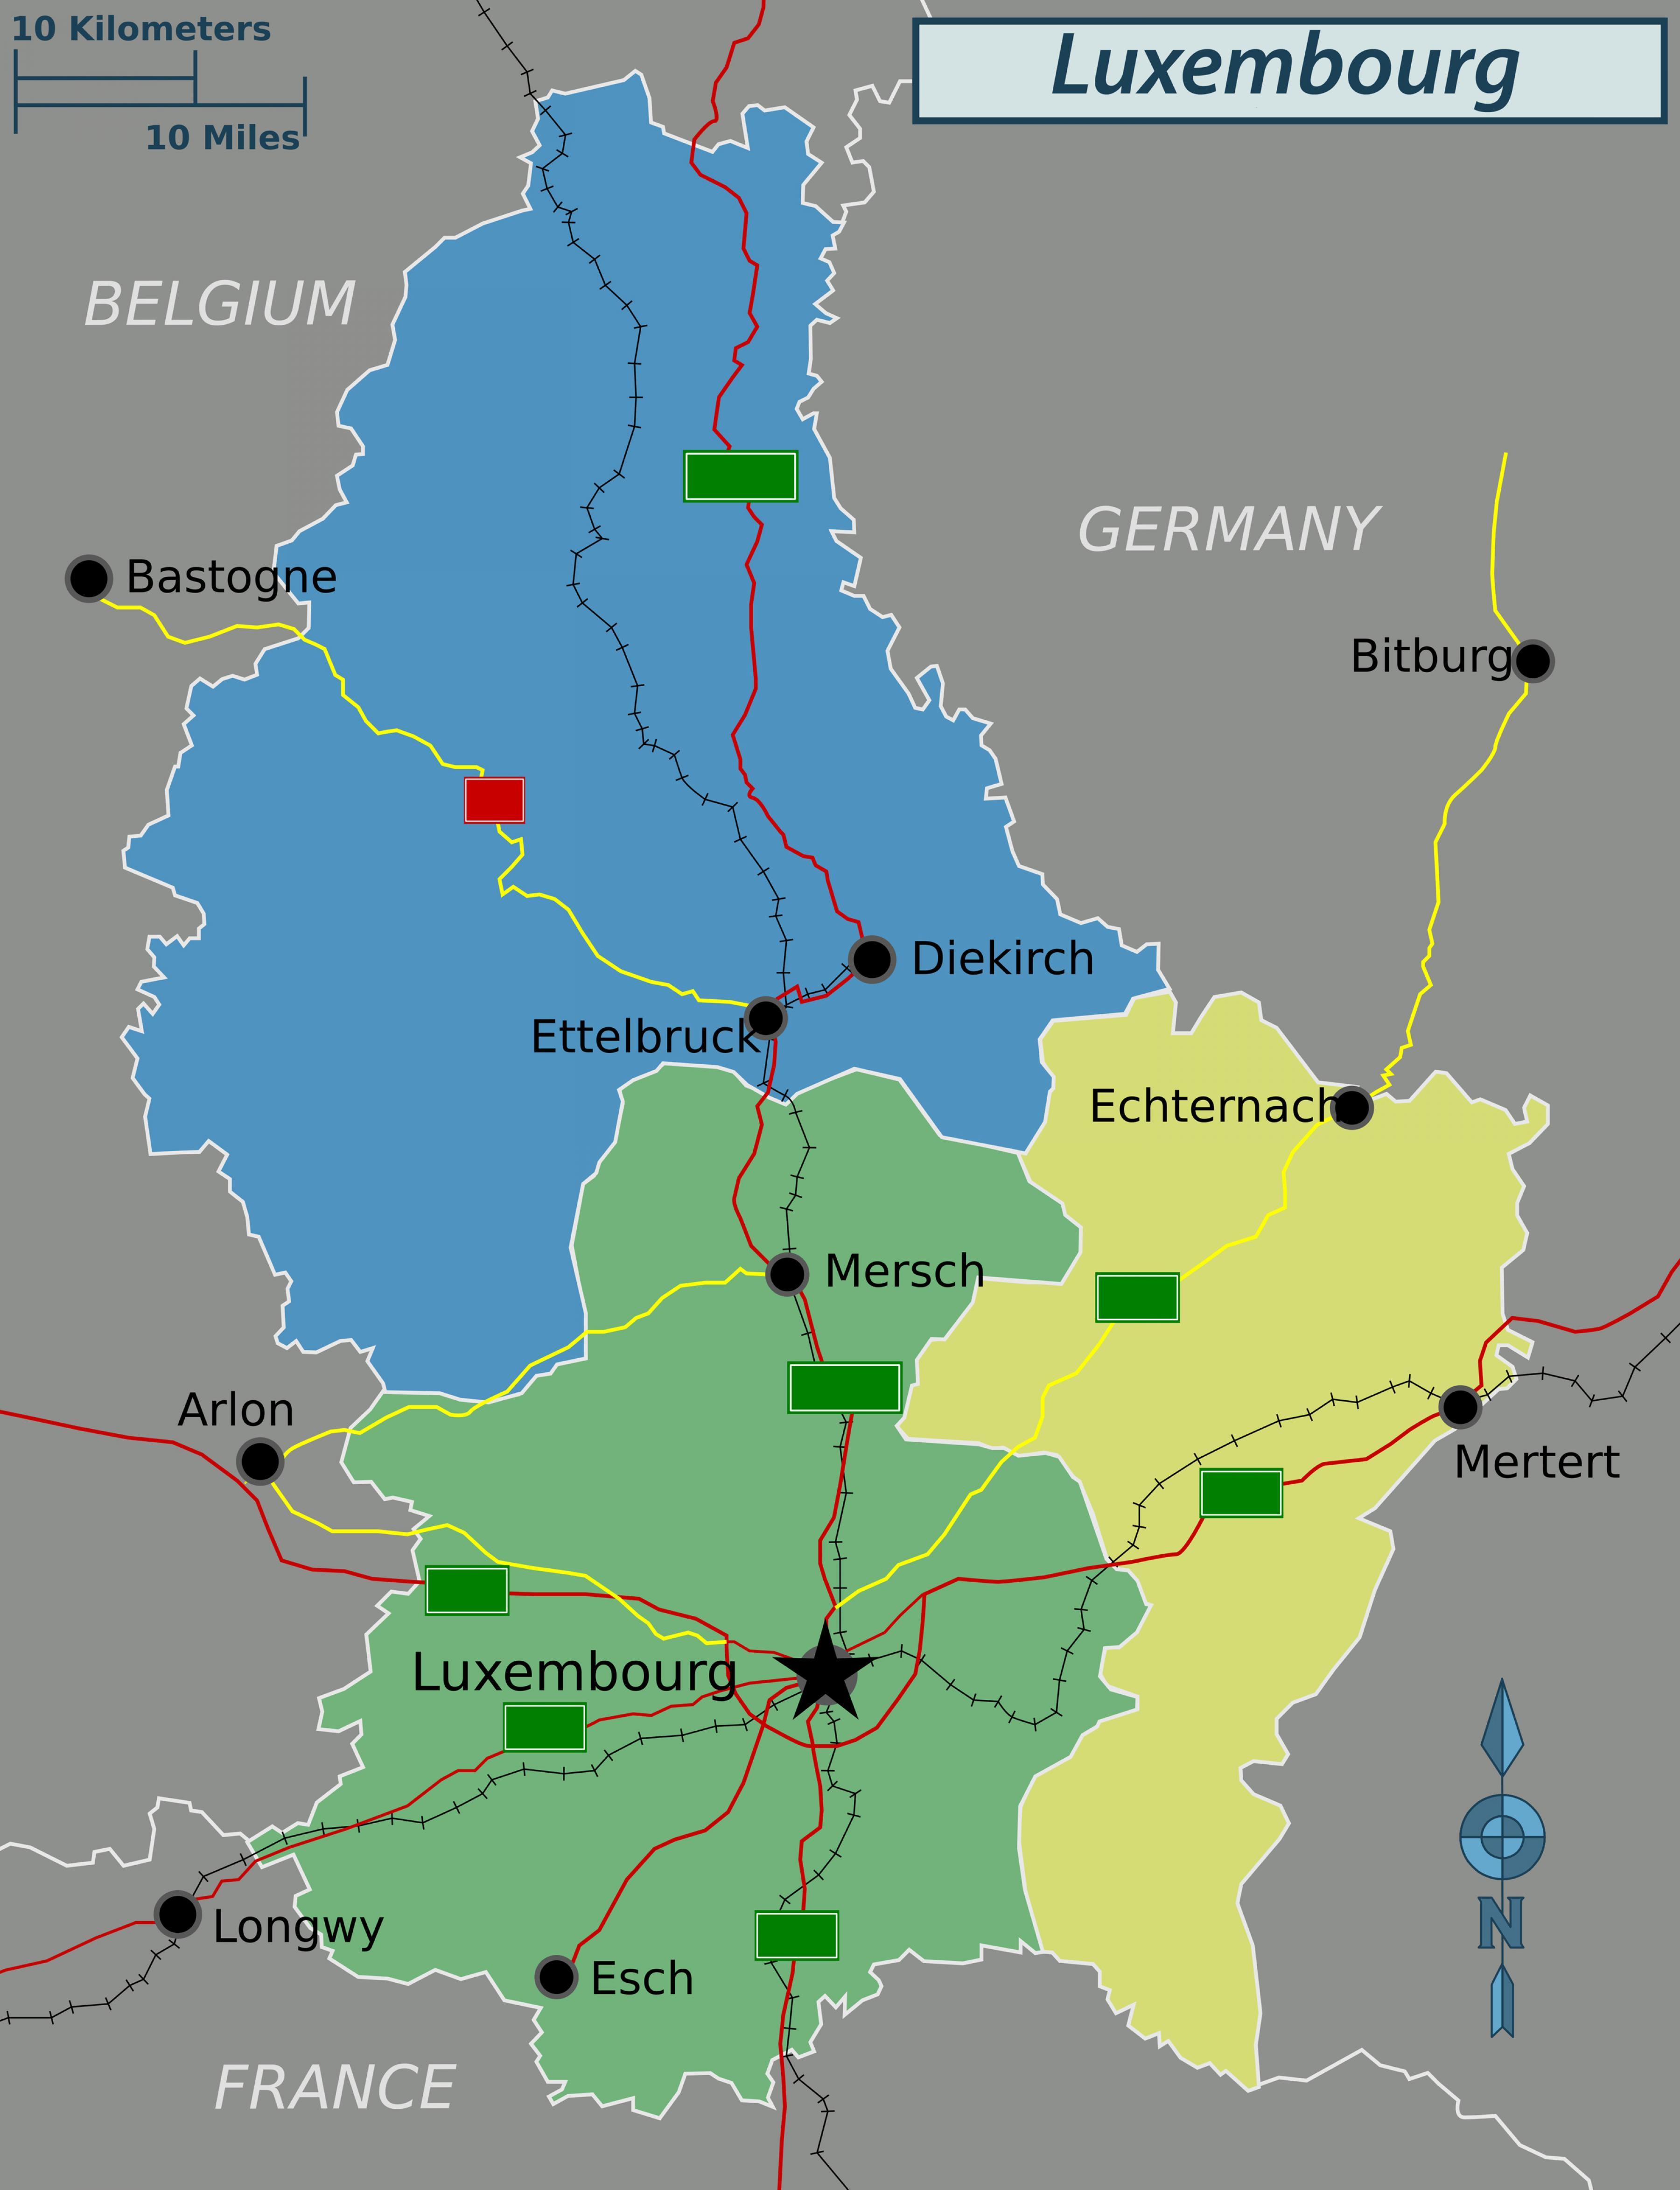 Luxemburg Politice Hartă Harta De Luxemburg Politice Europa De